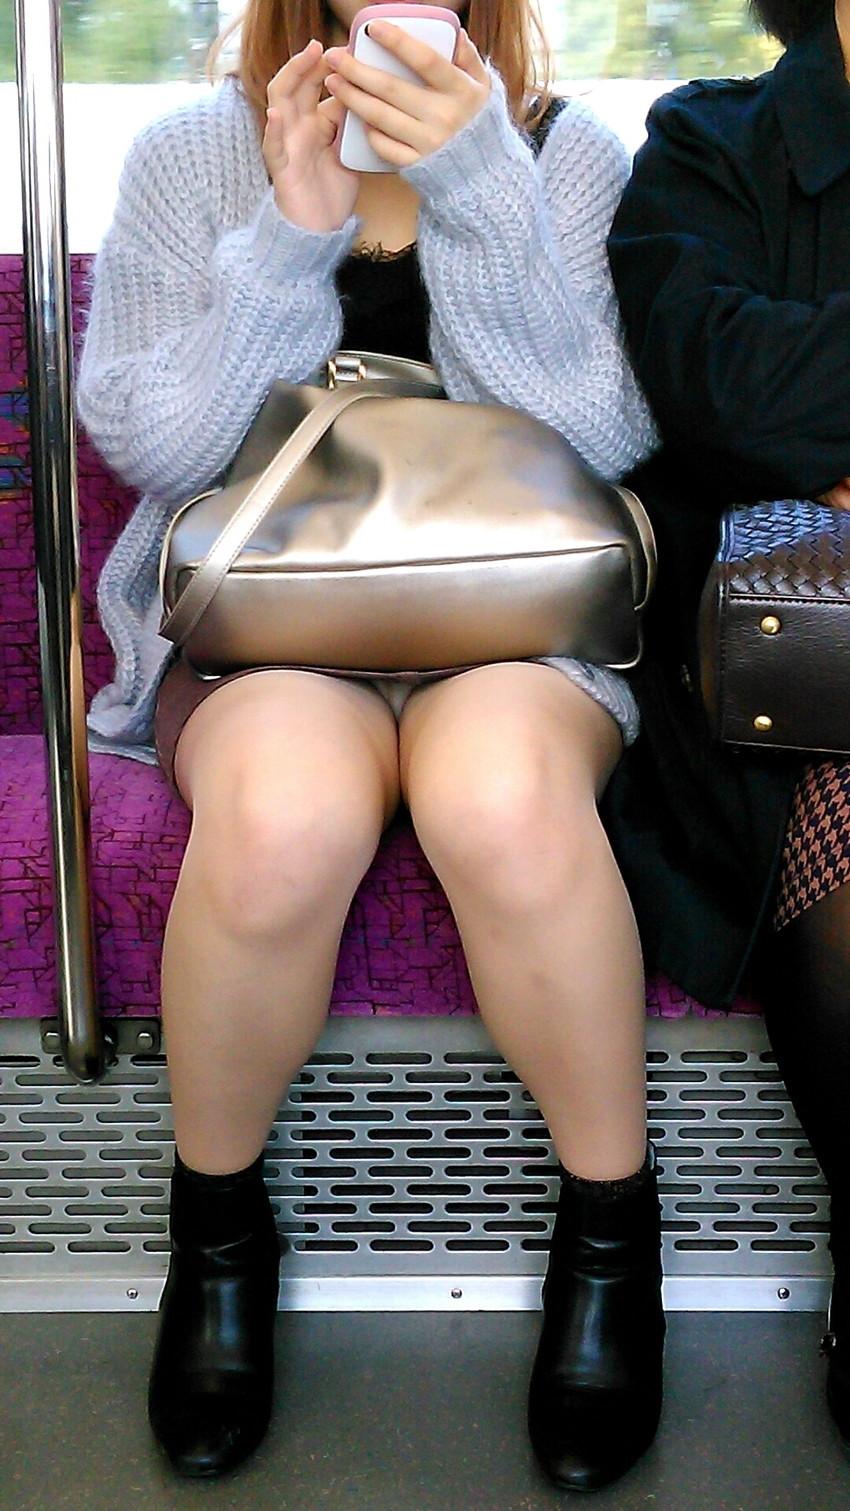 【電車内盗撮エロ画像】電車内でパンチラしている女子見つけたから撮ったったw 30